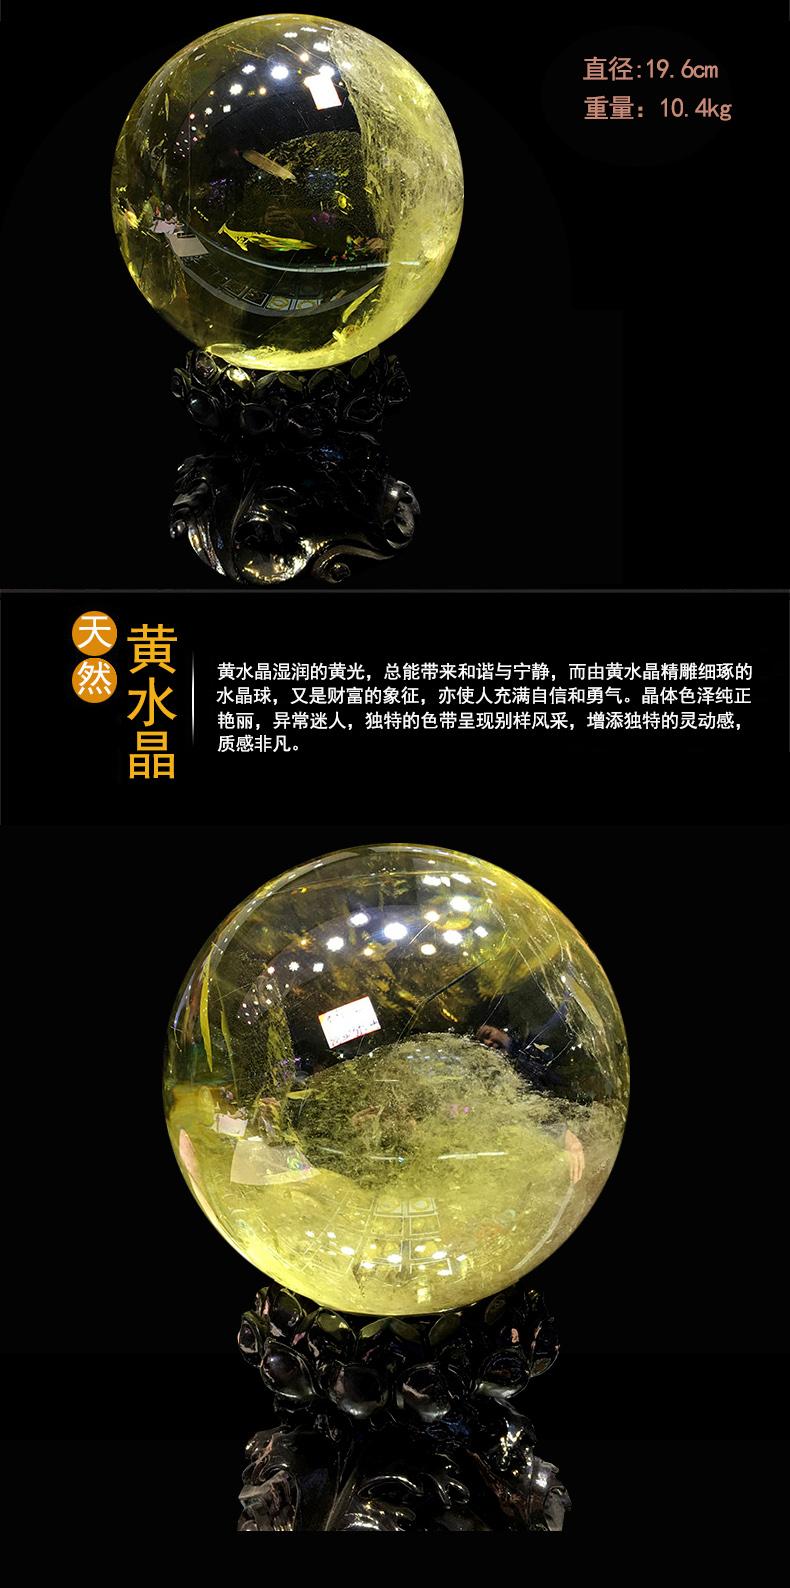 天然黄水晶,天然水晶与人工水晶的区别